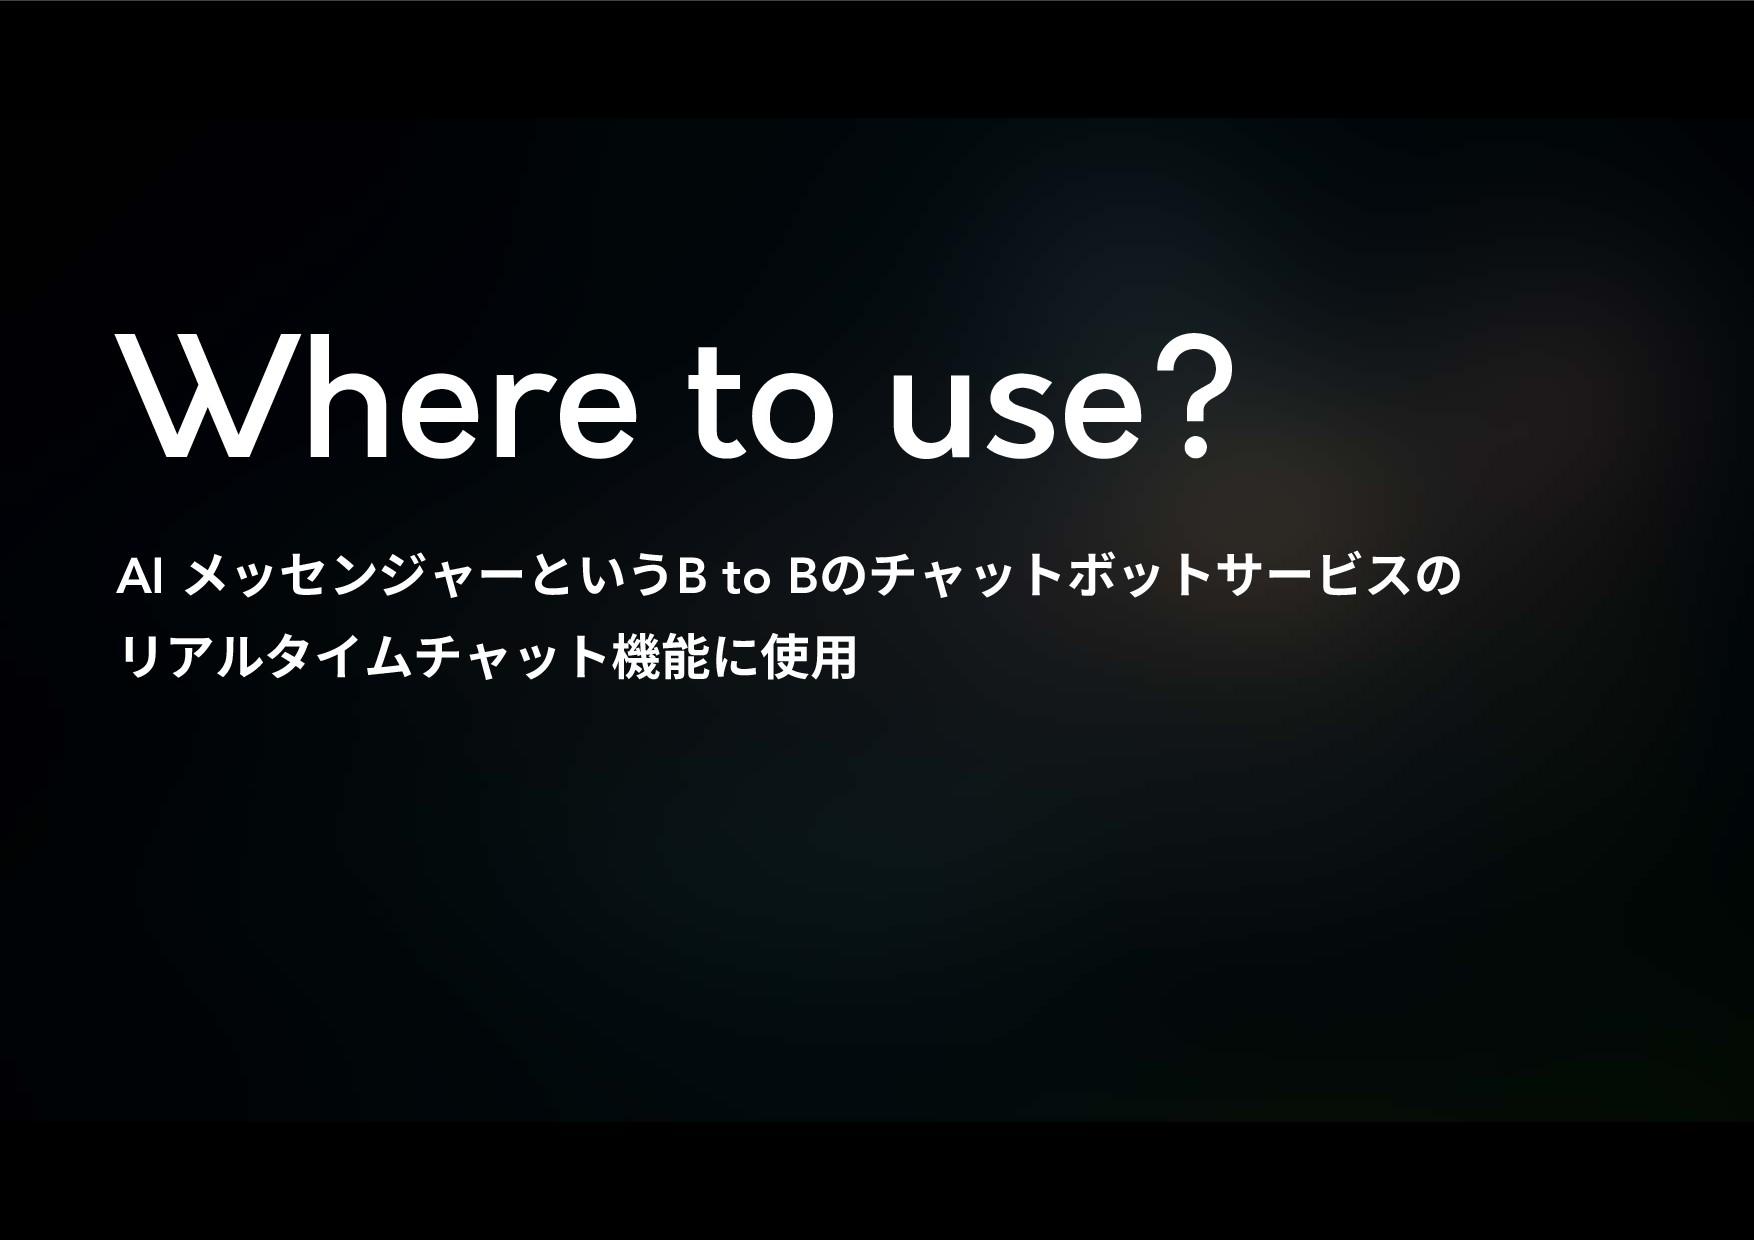 Where to use? AI ًحإٝآٍ٦הְֲB to Bךثٍحزنحز؟٦ؽأך...